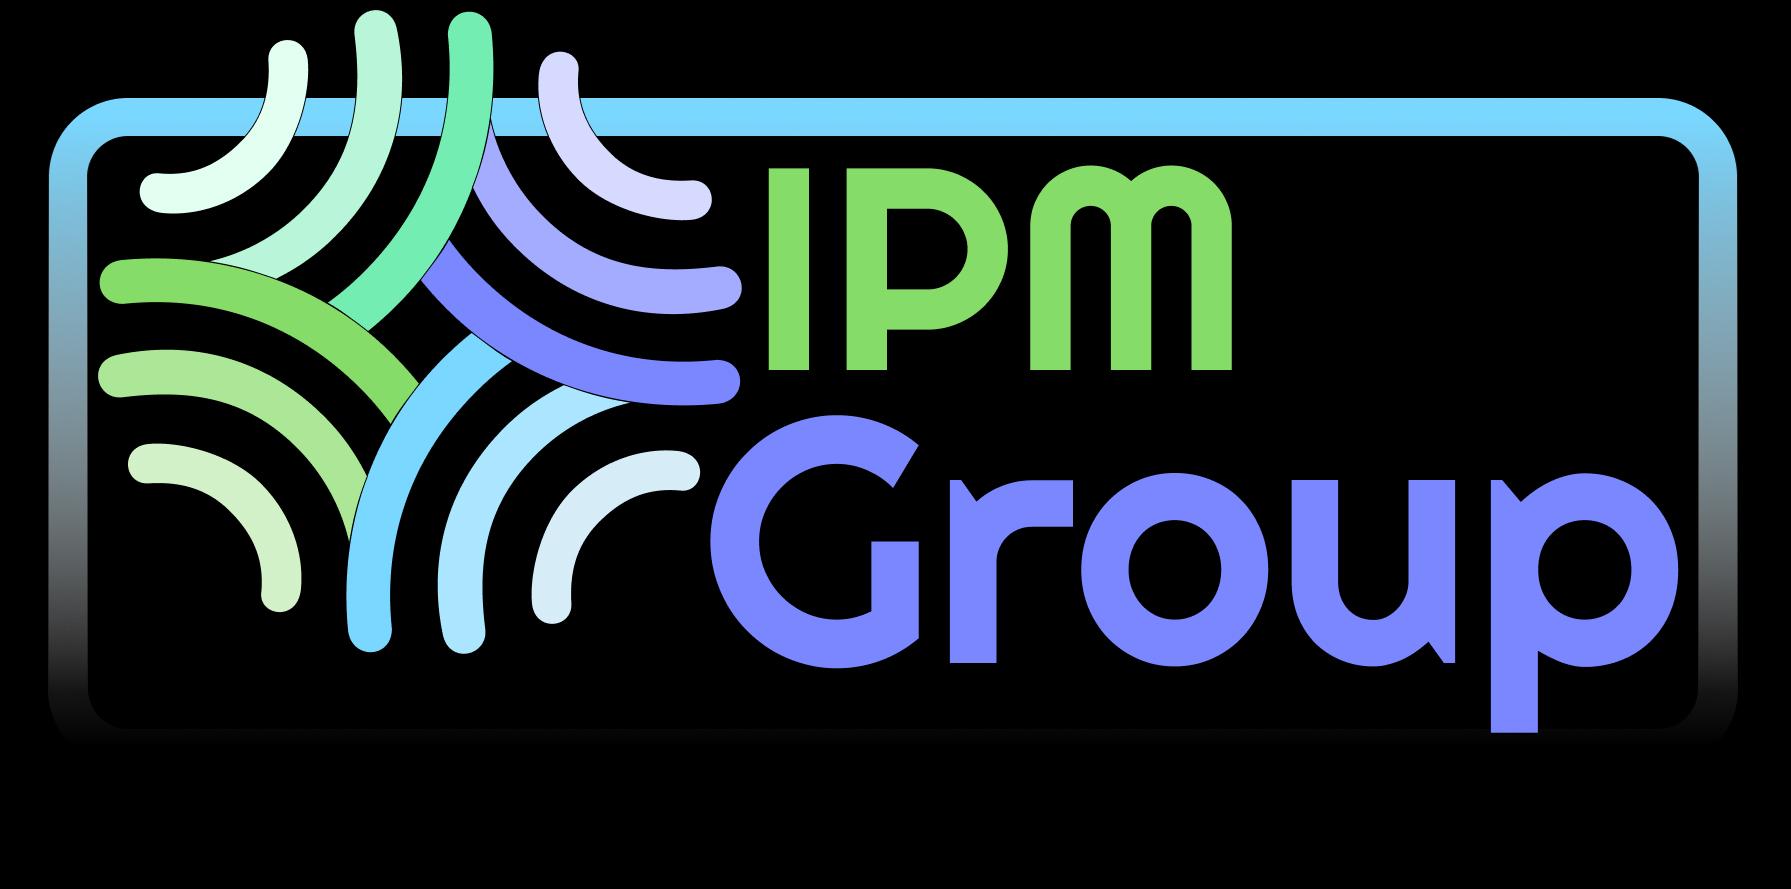 Разработка логотипа для управляющей компании фото f_8855f8494d2e83bc.jpg